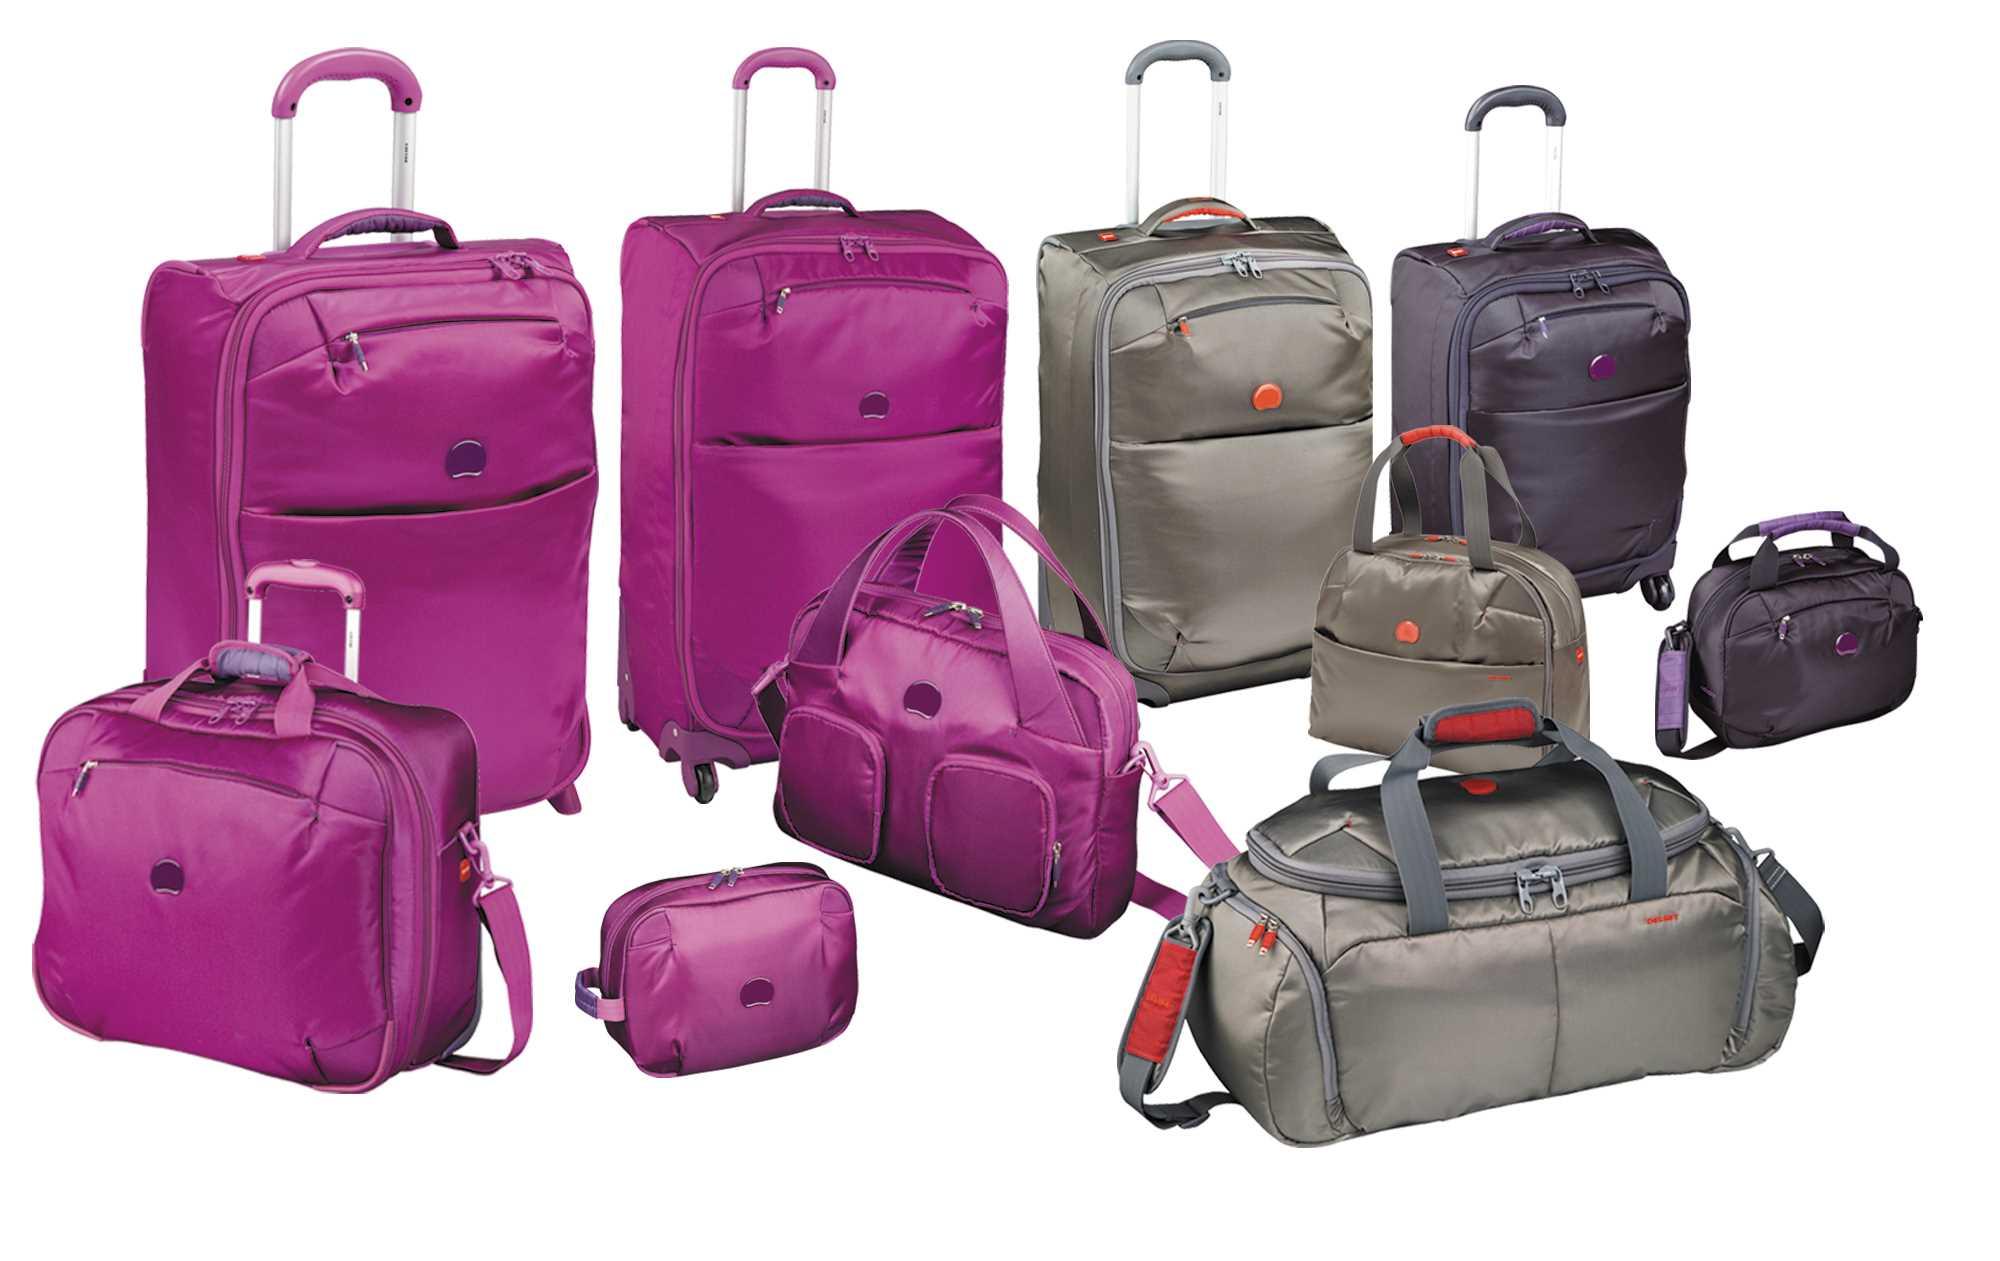 باشگاه خبرنگاران -انواع ساک و چمدان در بازار چند؟ + قیمت